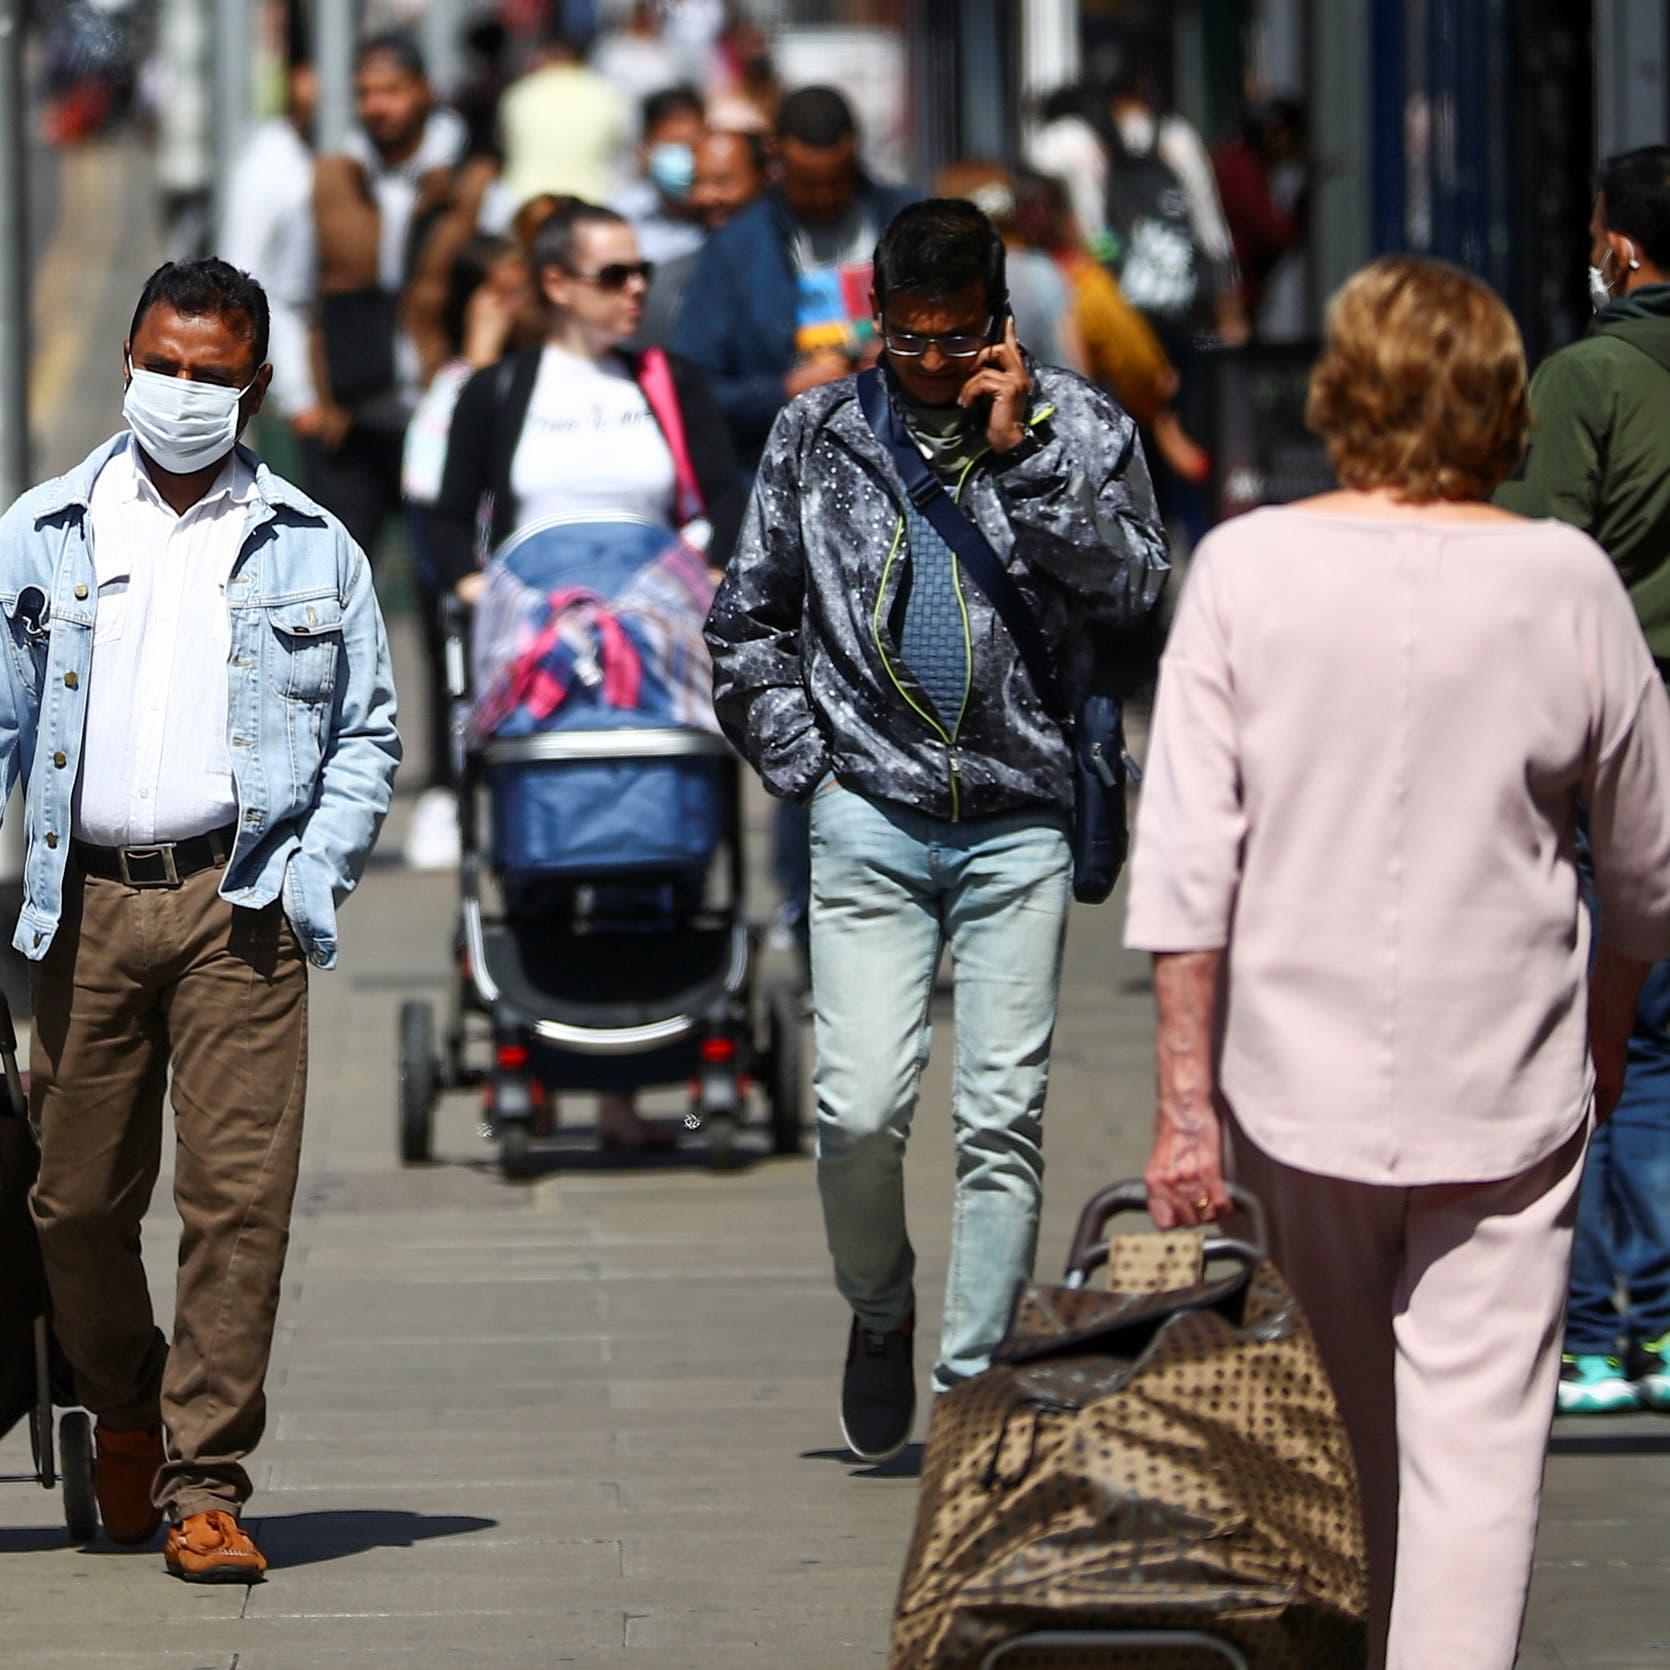 إمبريال كوليدج: 13% من سكان لندن أصيبوا بكورونا